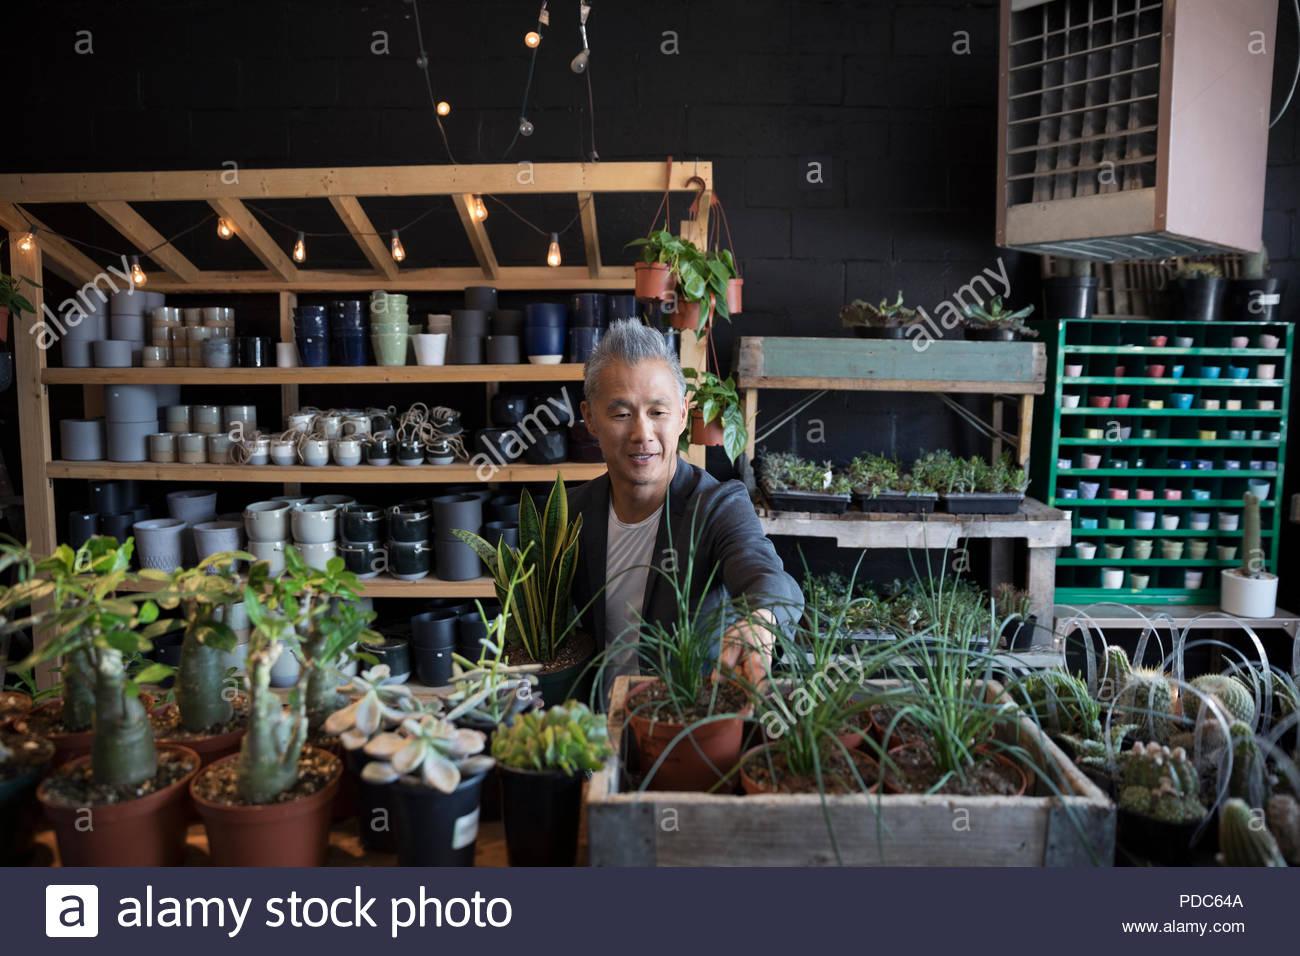 Uomo maturo shopping nel negozio di vegetali Immagini Stock